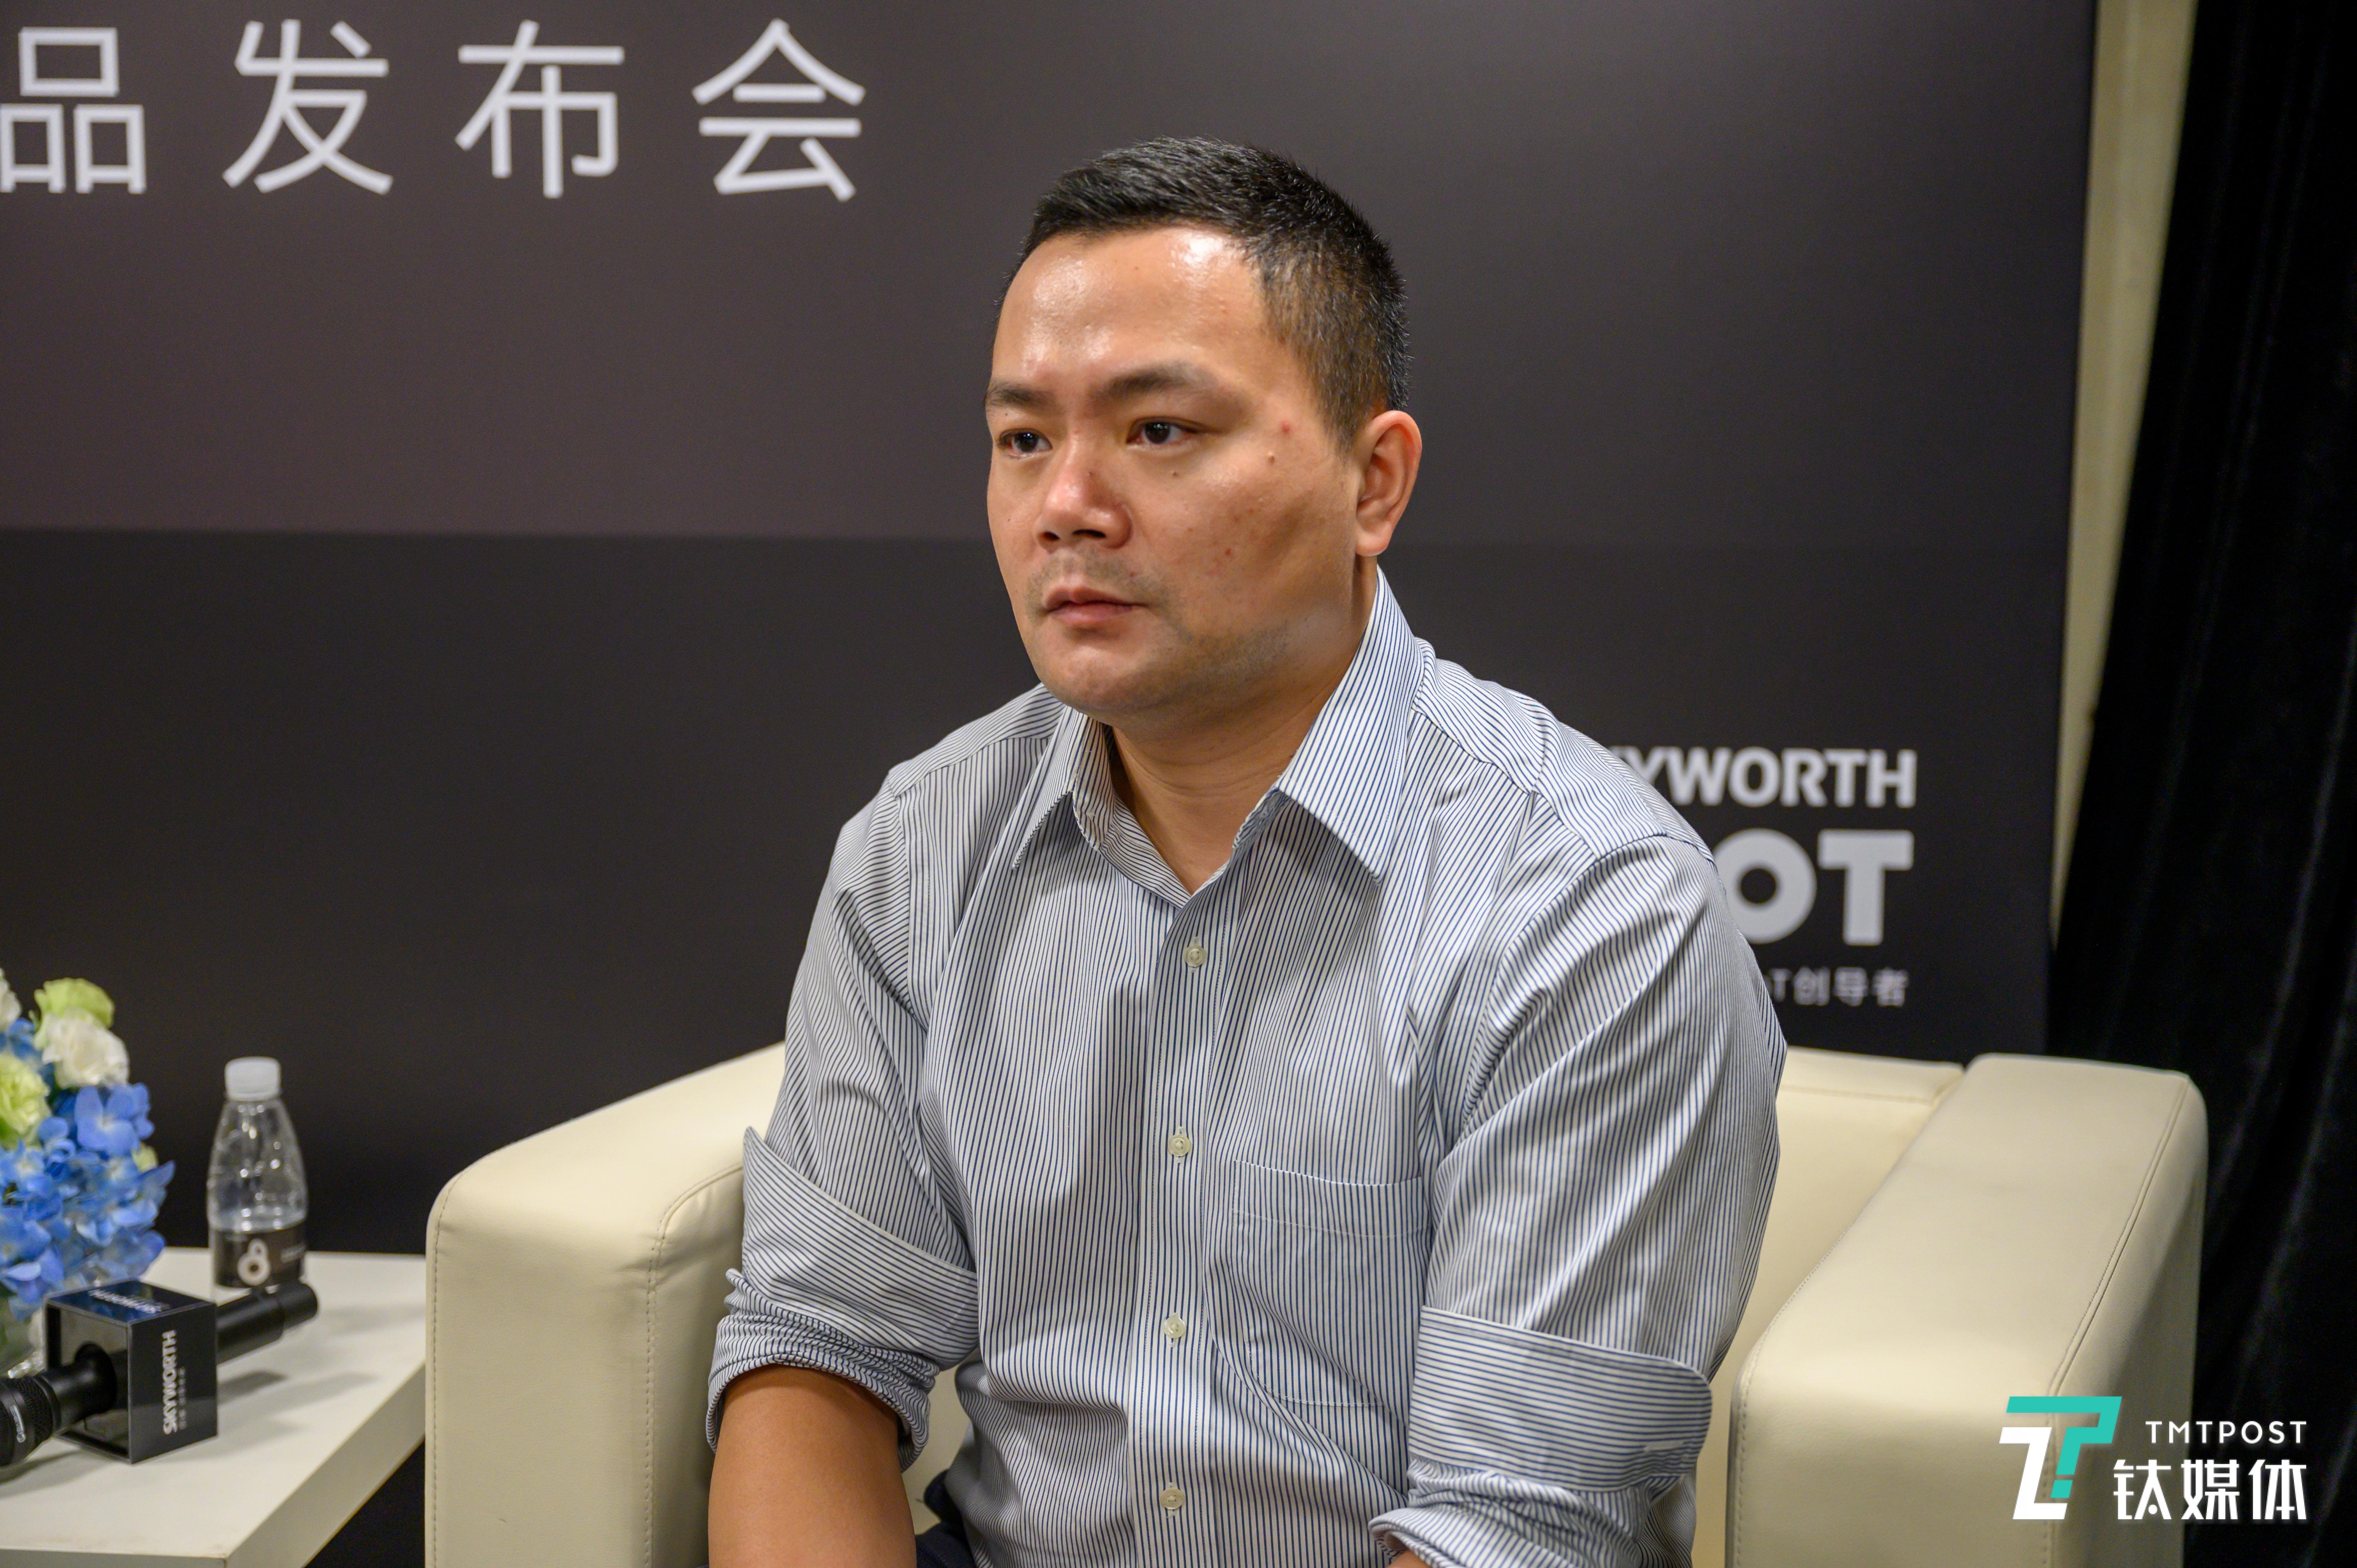 深圳创维RGB电子有限公司首席品牌官唐晓亮